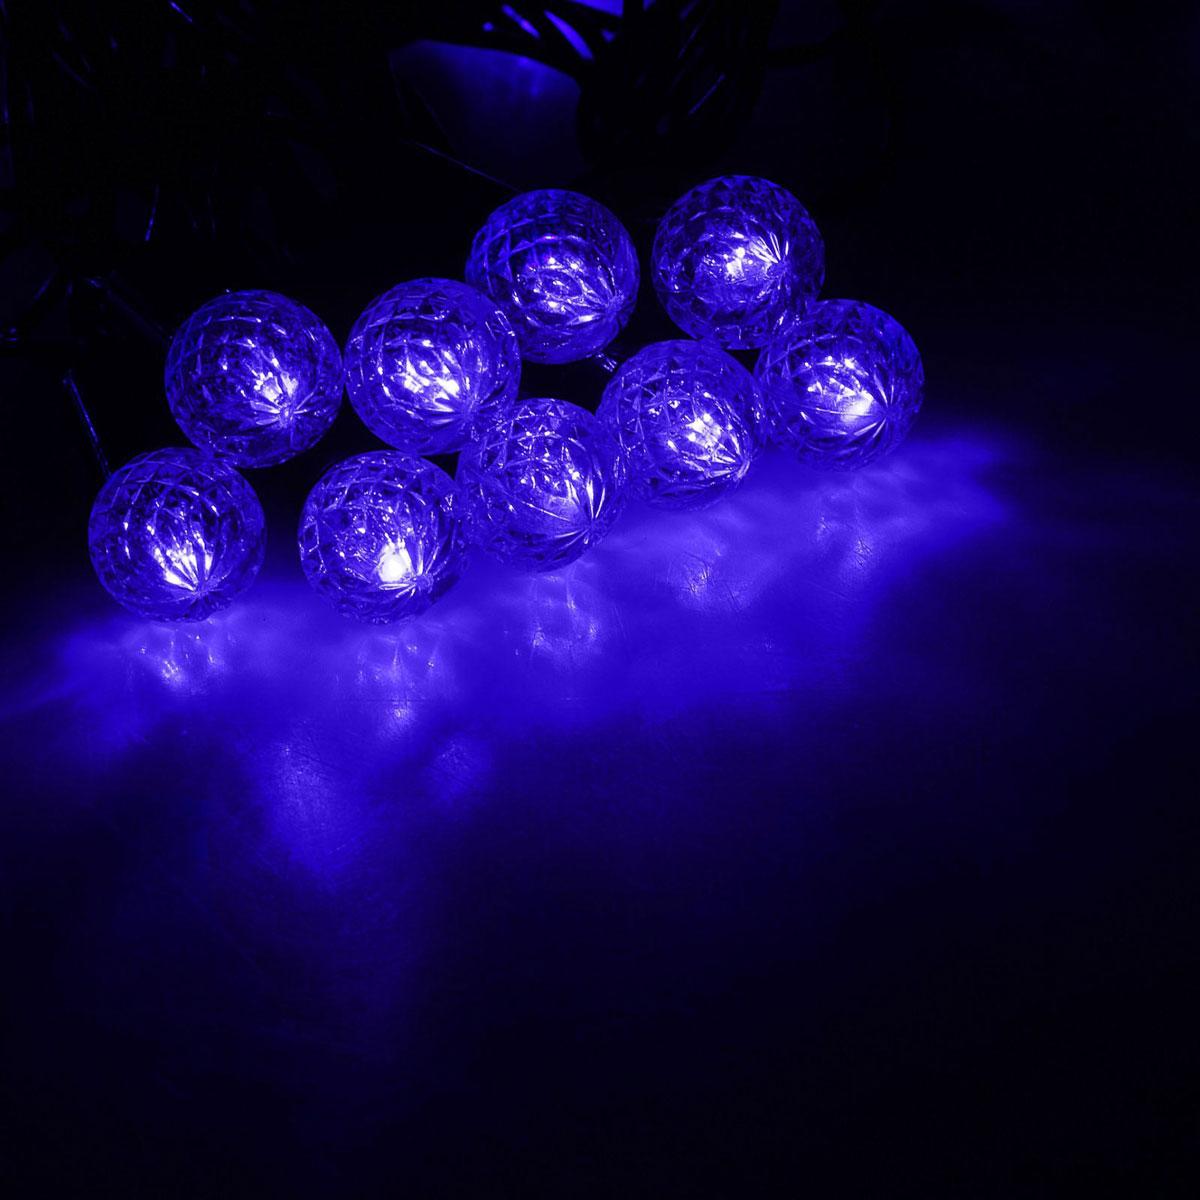 Гирлянда светодиодная Luazon Метраж. Фонарик, уличная с насадкой, 8 режимов, 40 ламп, 220 V, 5 м, цвет: синий. 10801091080109Светодиодные гирлянды, ленты и т.д. — это отличный вариант для новогоднего оформления интерьера или фасада. С их помощью помещение любого размера можно превратить в праздничный зал, а внешние элементы зданий, украшенные ими, мгновенно станут напоминать очертания сказочного дворца. Такие украшения создают ауру предвкушения чуда. Деревья, фасады, витрины, окна и арки будто специально созданы, чтобы вы украсили их светящимися нитями.